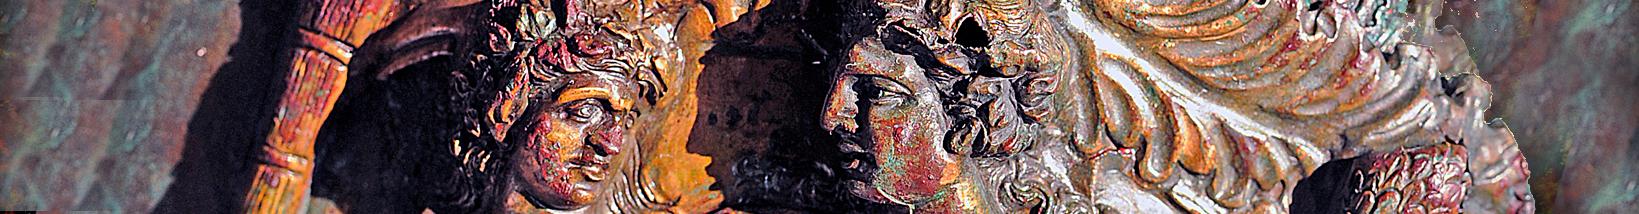 Detail on a bronze mirror